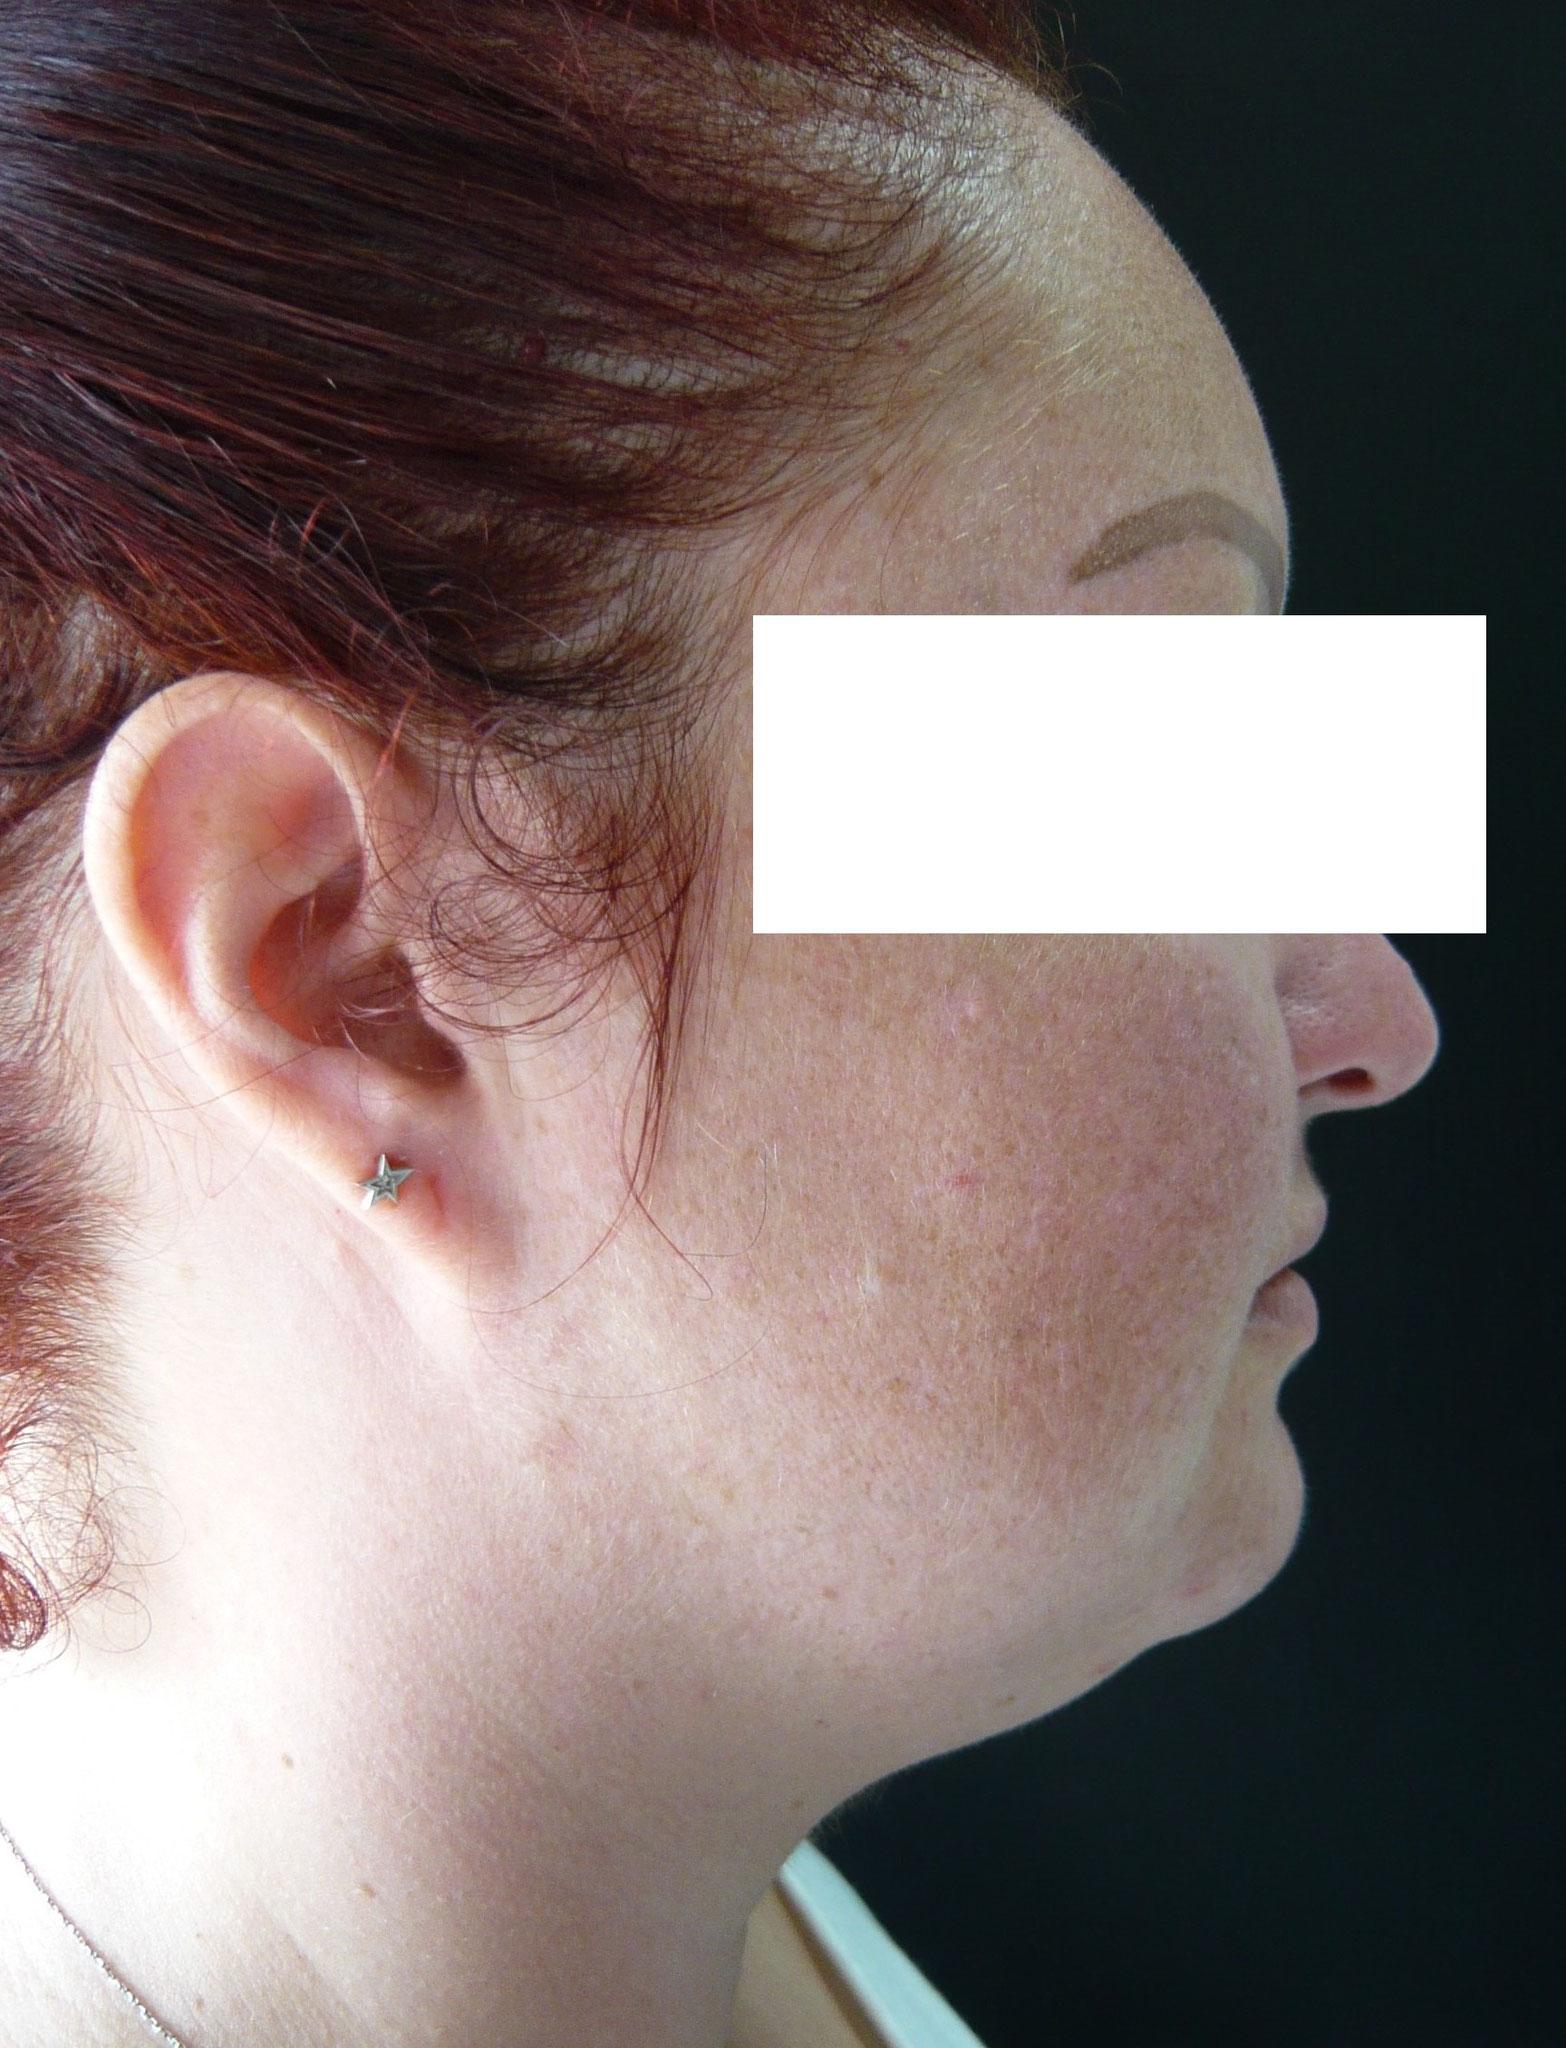 visage rond avec menton graisseux chez une femme jeune